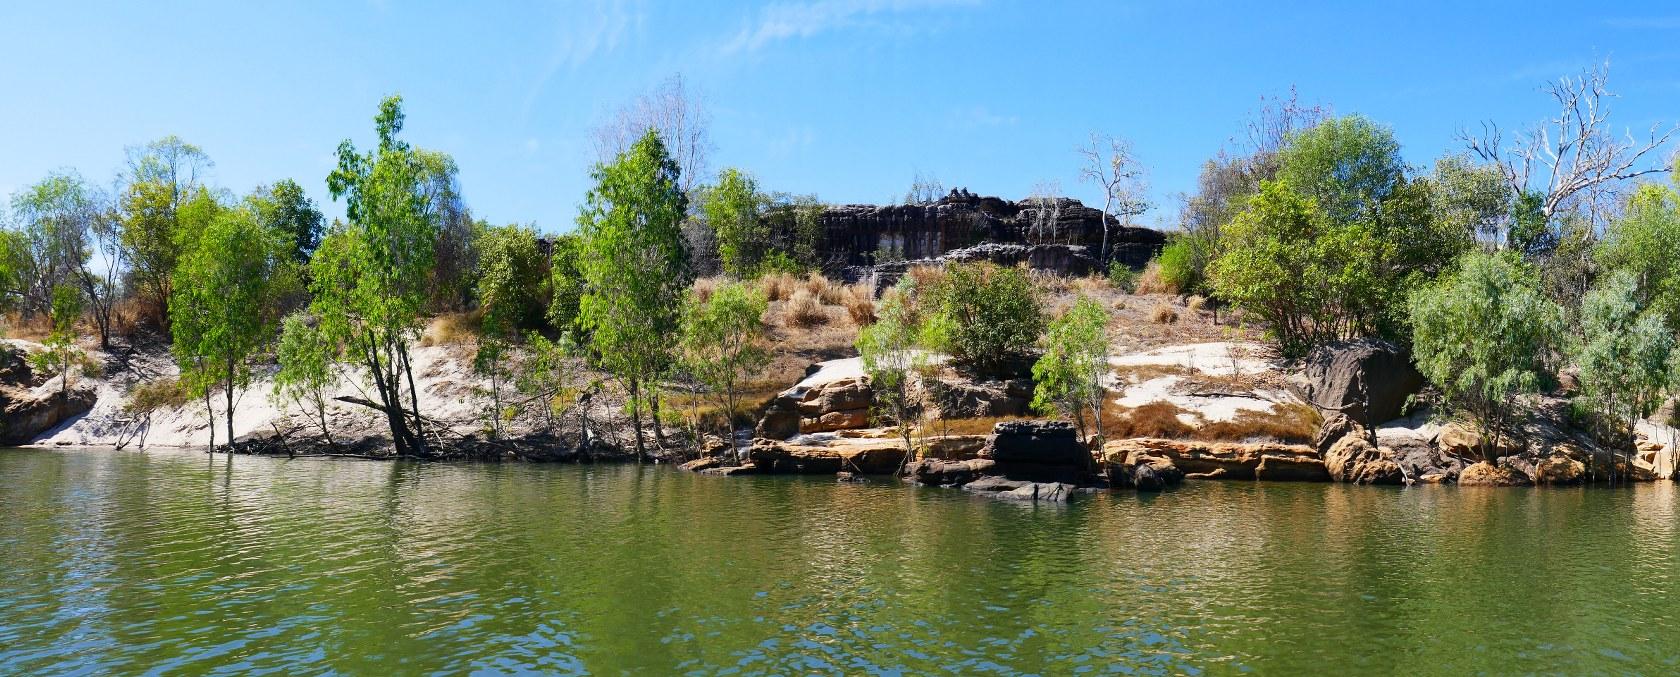 Landschaft am East-Alligator-River.JPG